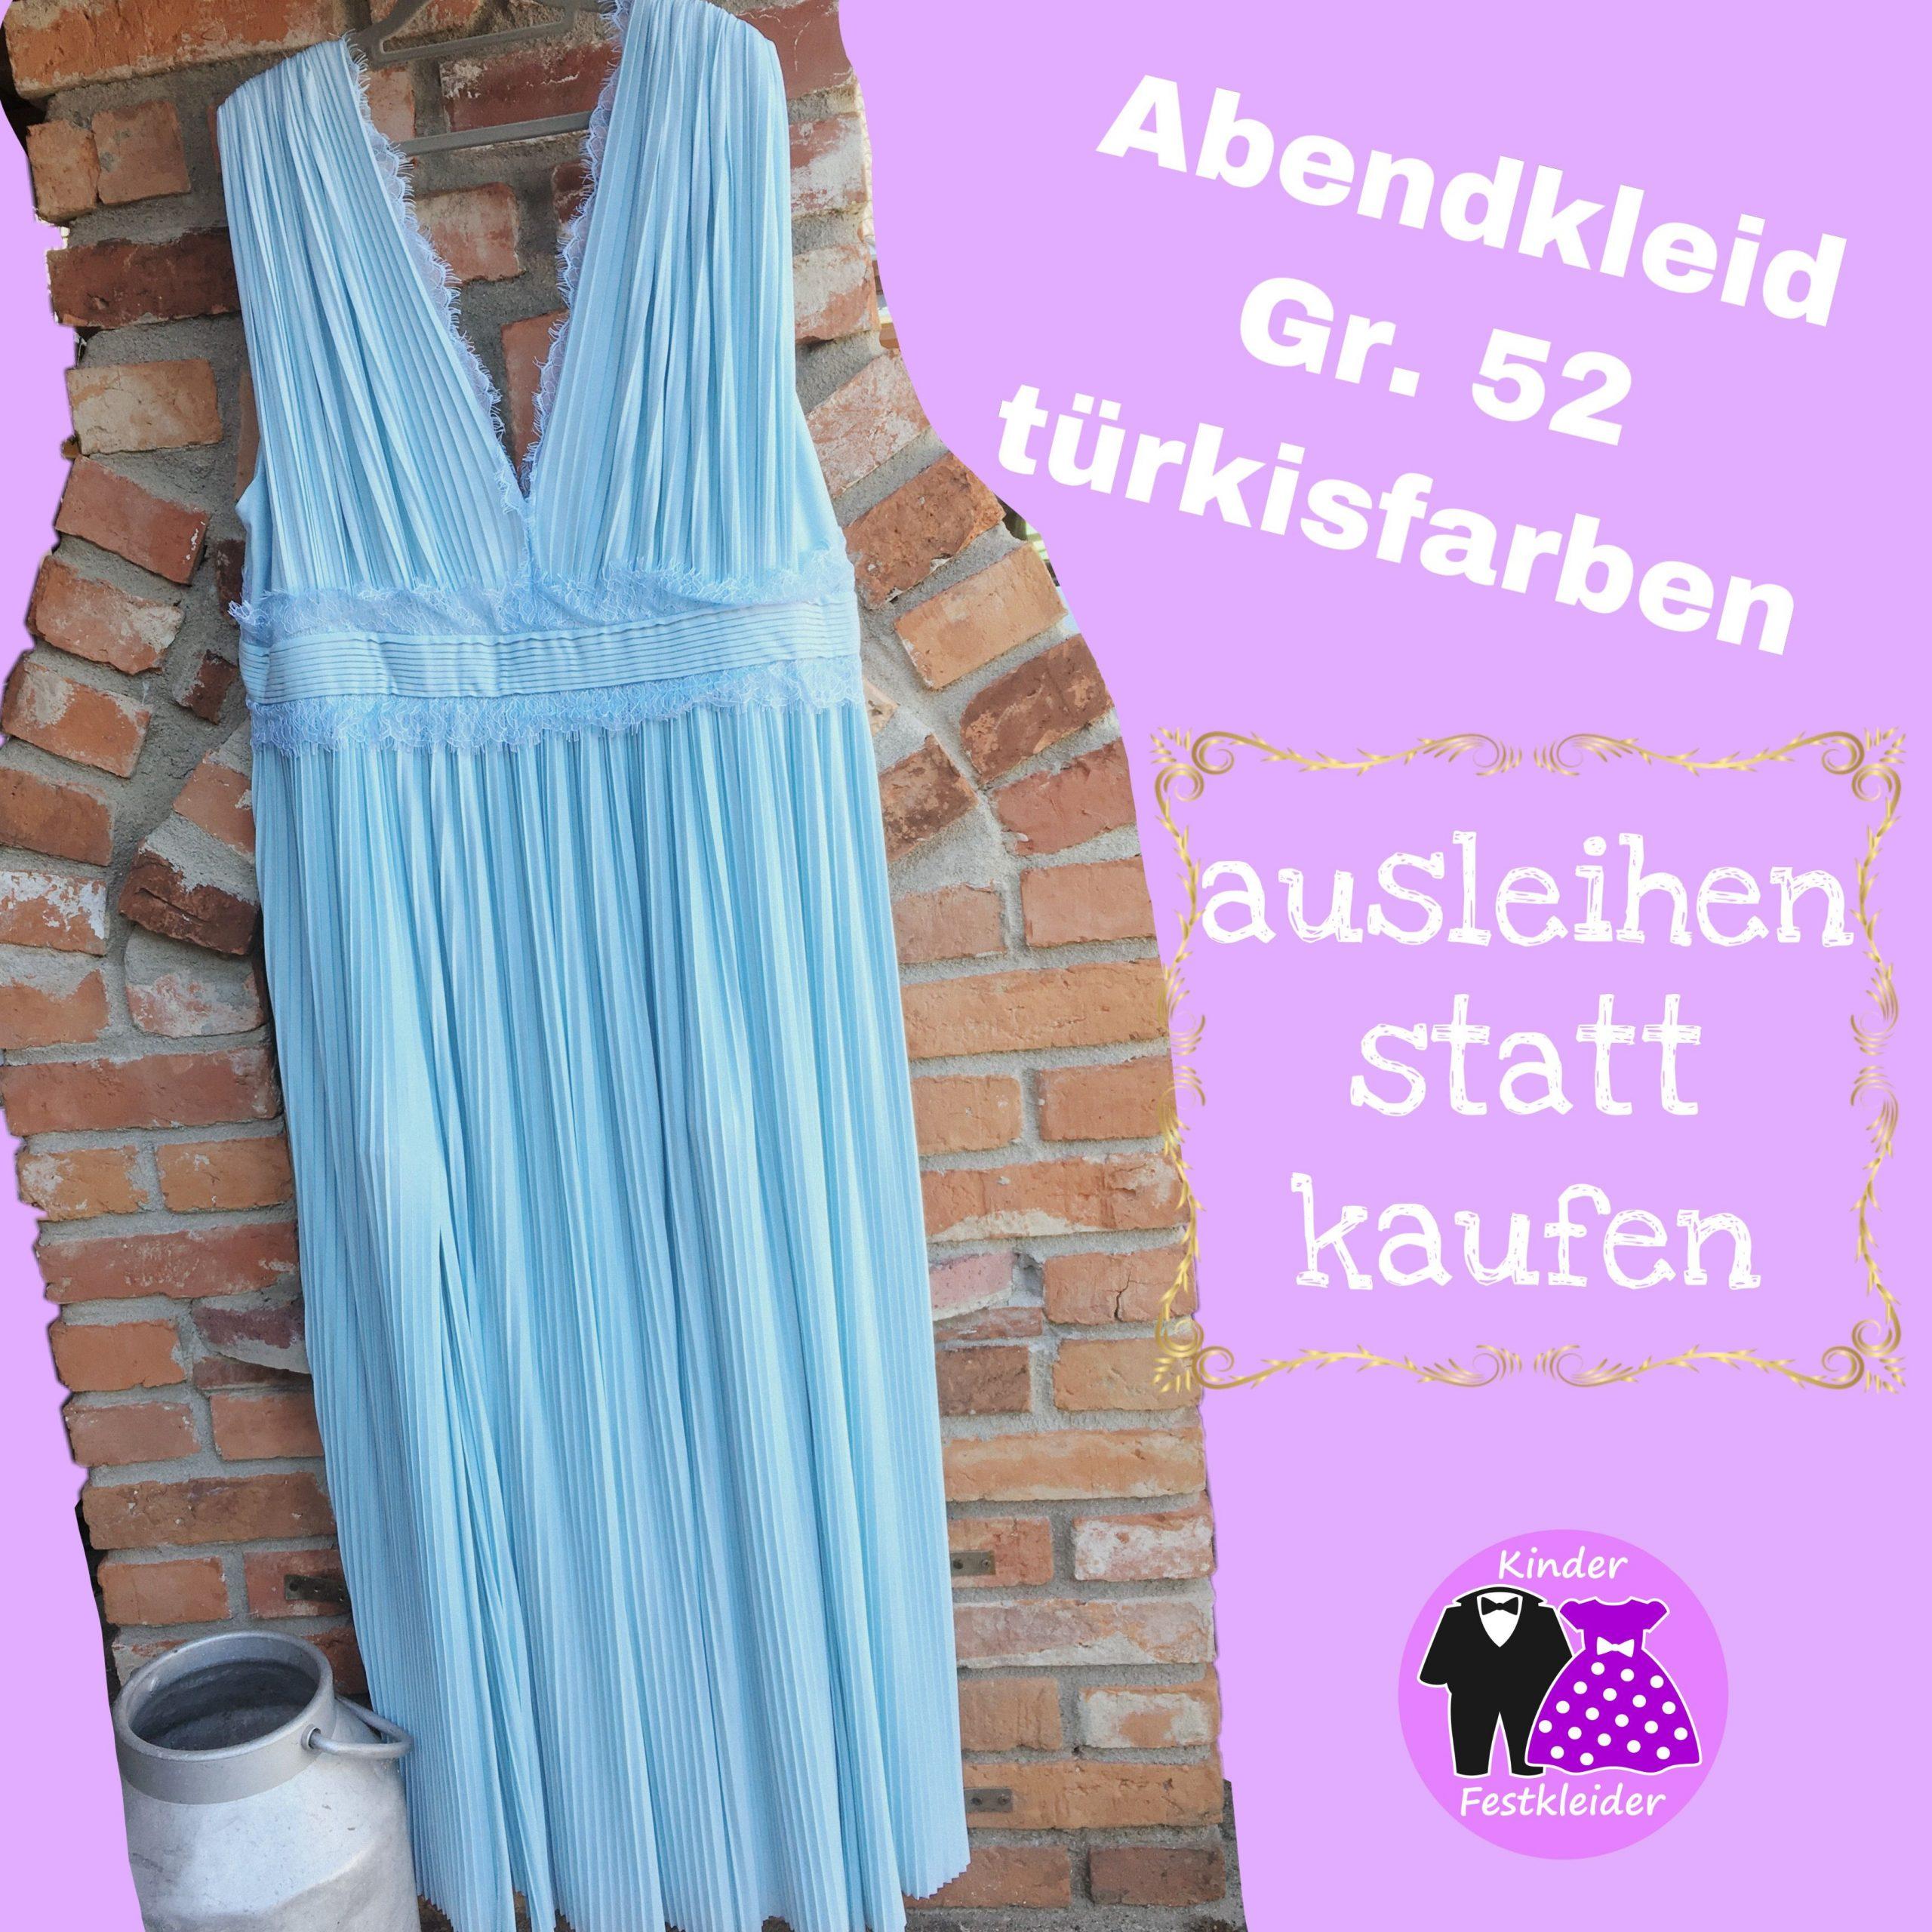 Tolles Kleid In Gr. 52 Einfach Ausleihen. #party #abendkleid